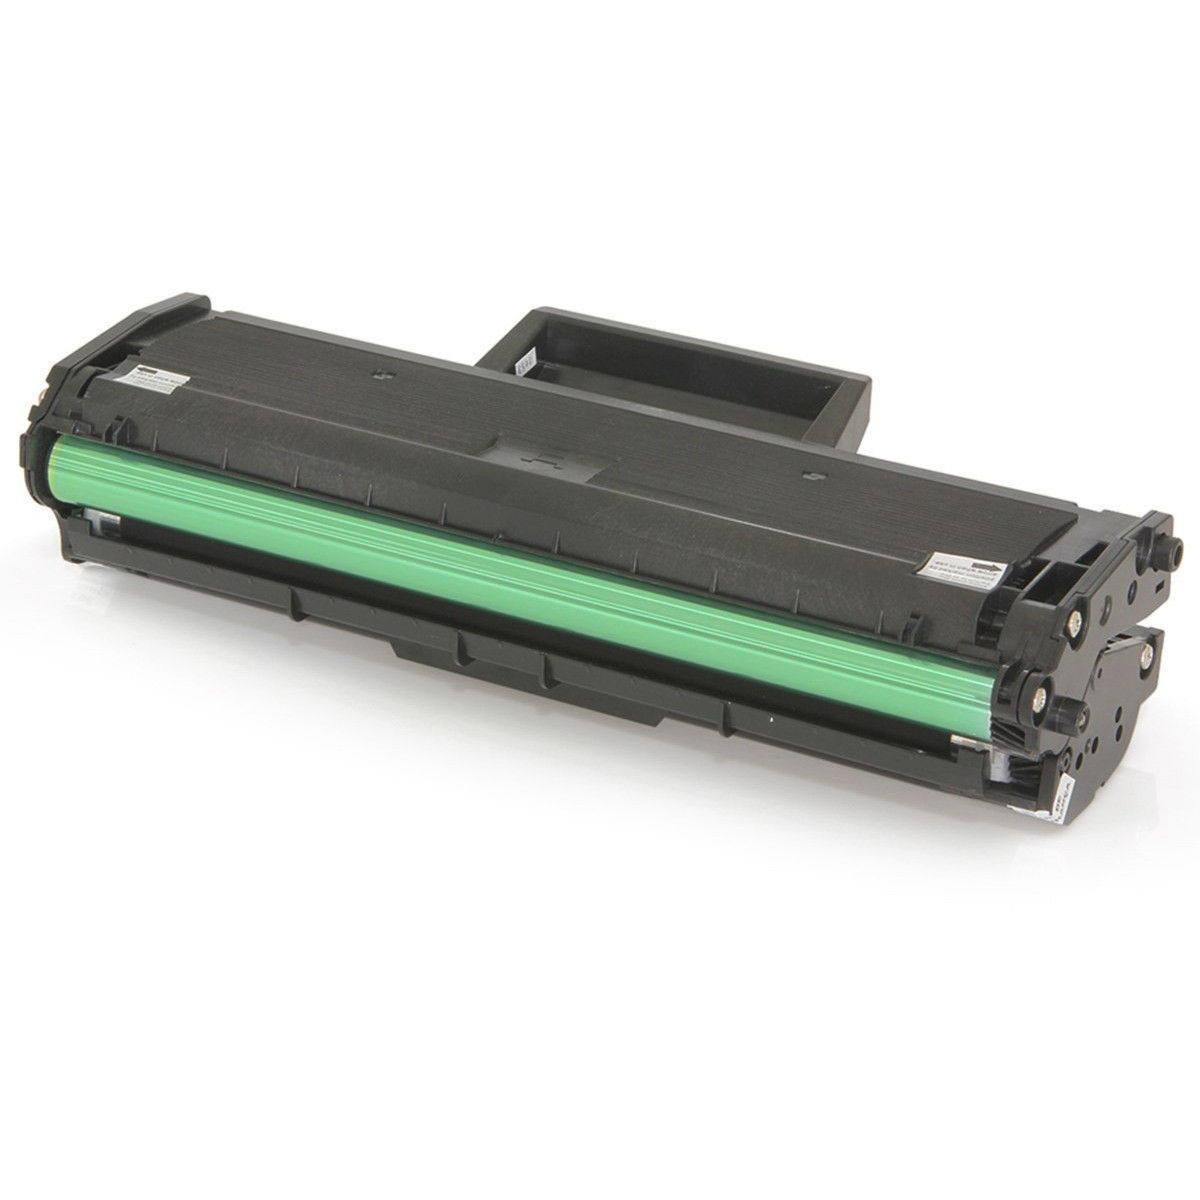 Compatível: Toner D111 com Chip Atualizado para Samsung M2020 M2022 M2070 M2020fw M2022w M2070fw / Preto / 1.000